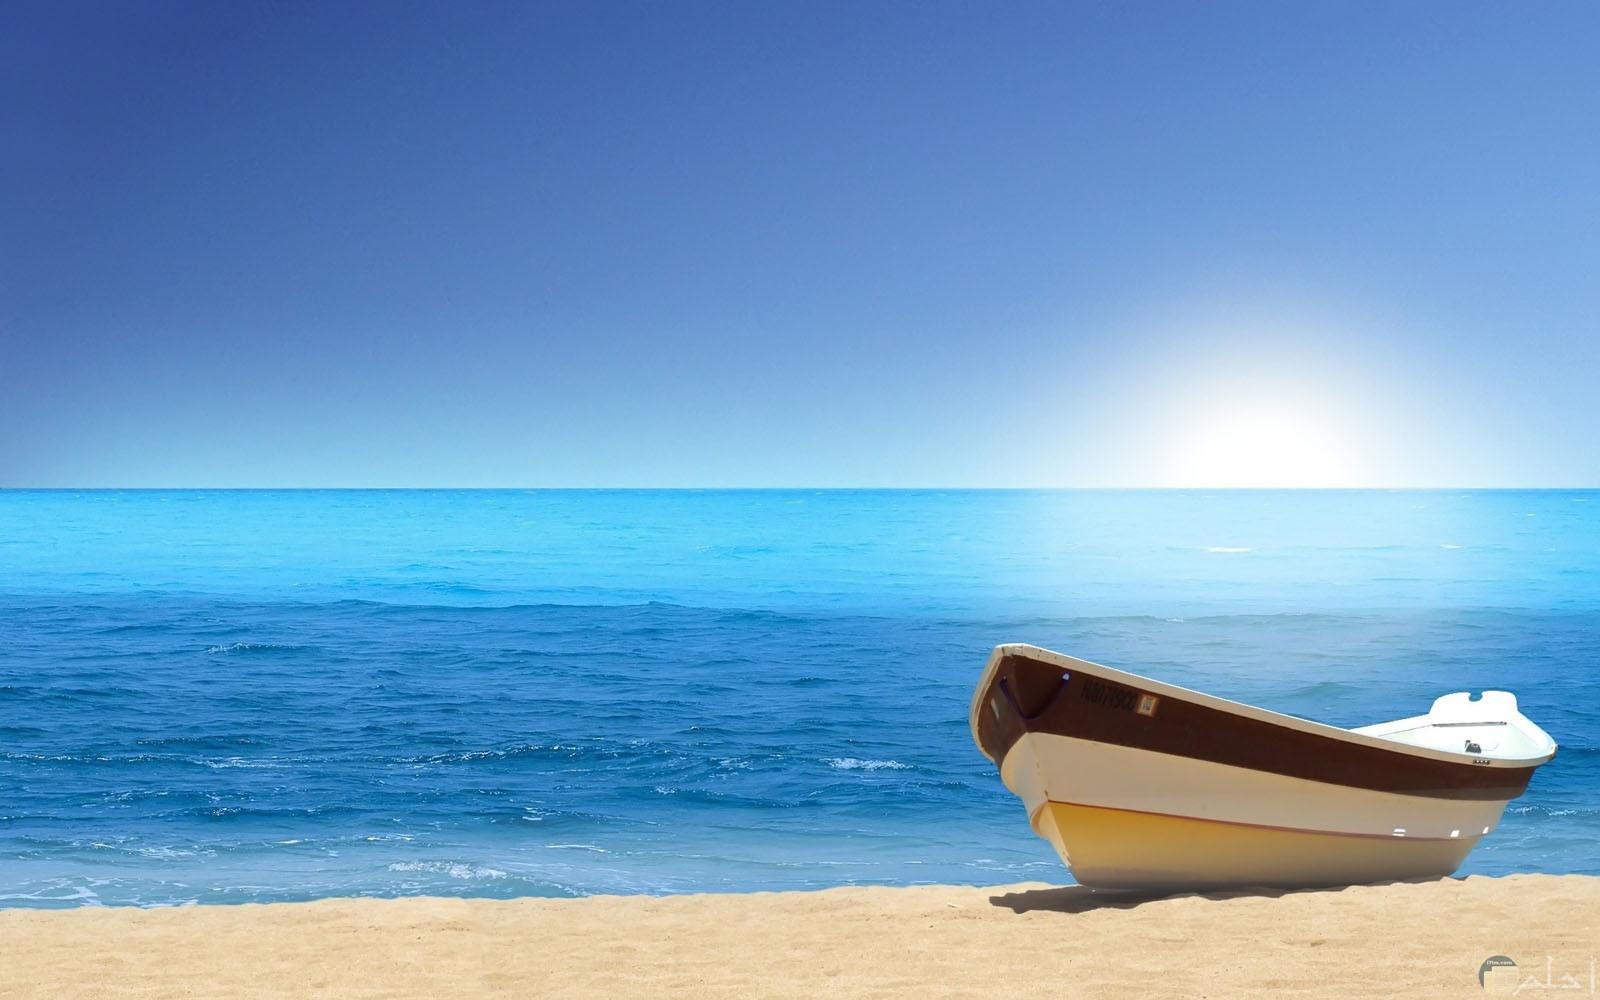 جمال القارب علي رمال الشاطئ و هدوء أمواج البحر الجميل.